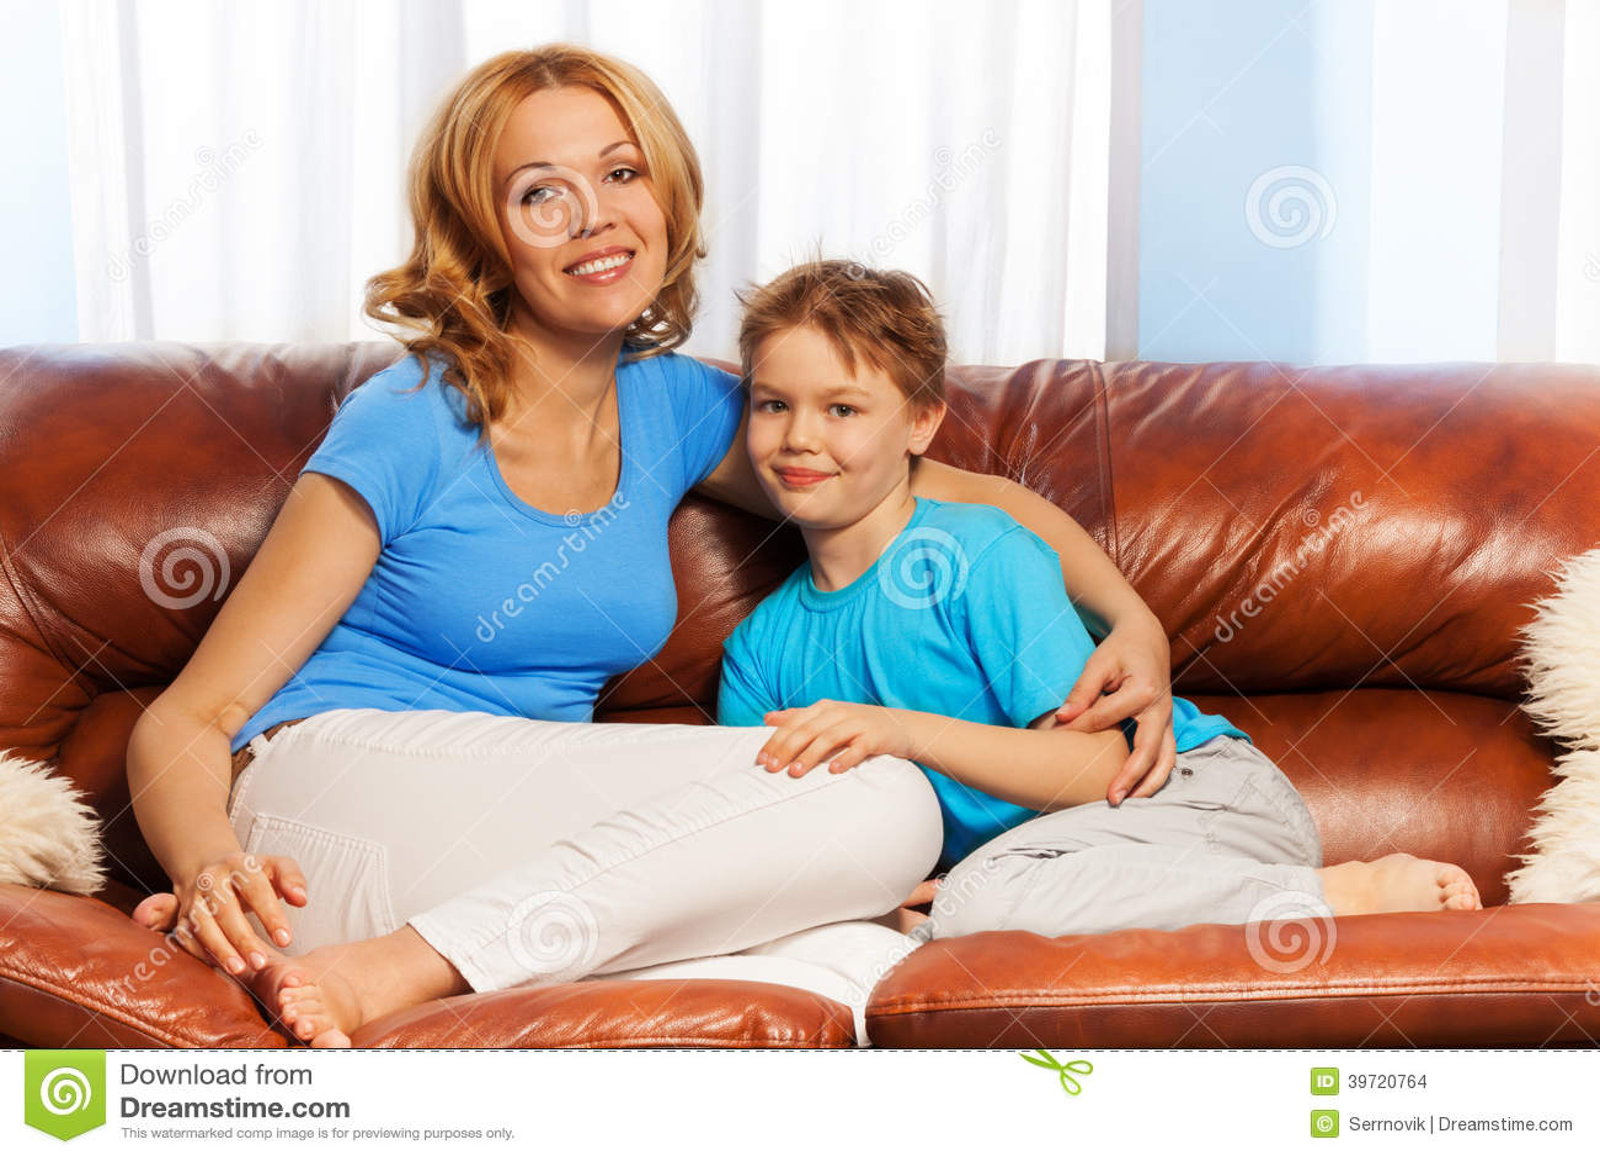 Смотреть сын любовник мама, Сын и мама стали Любовниками - порно видео онлайн 25 фотография